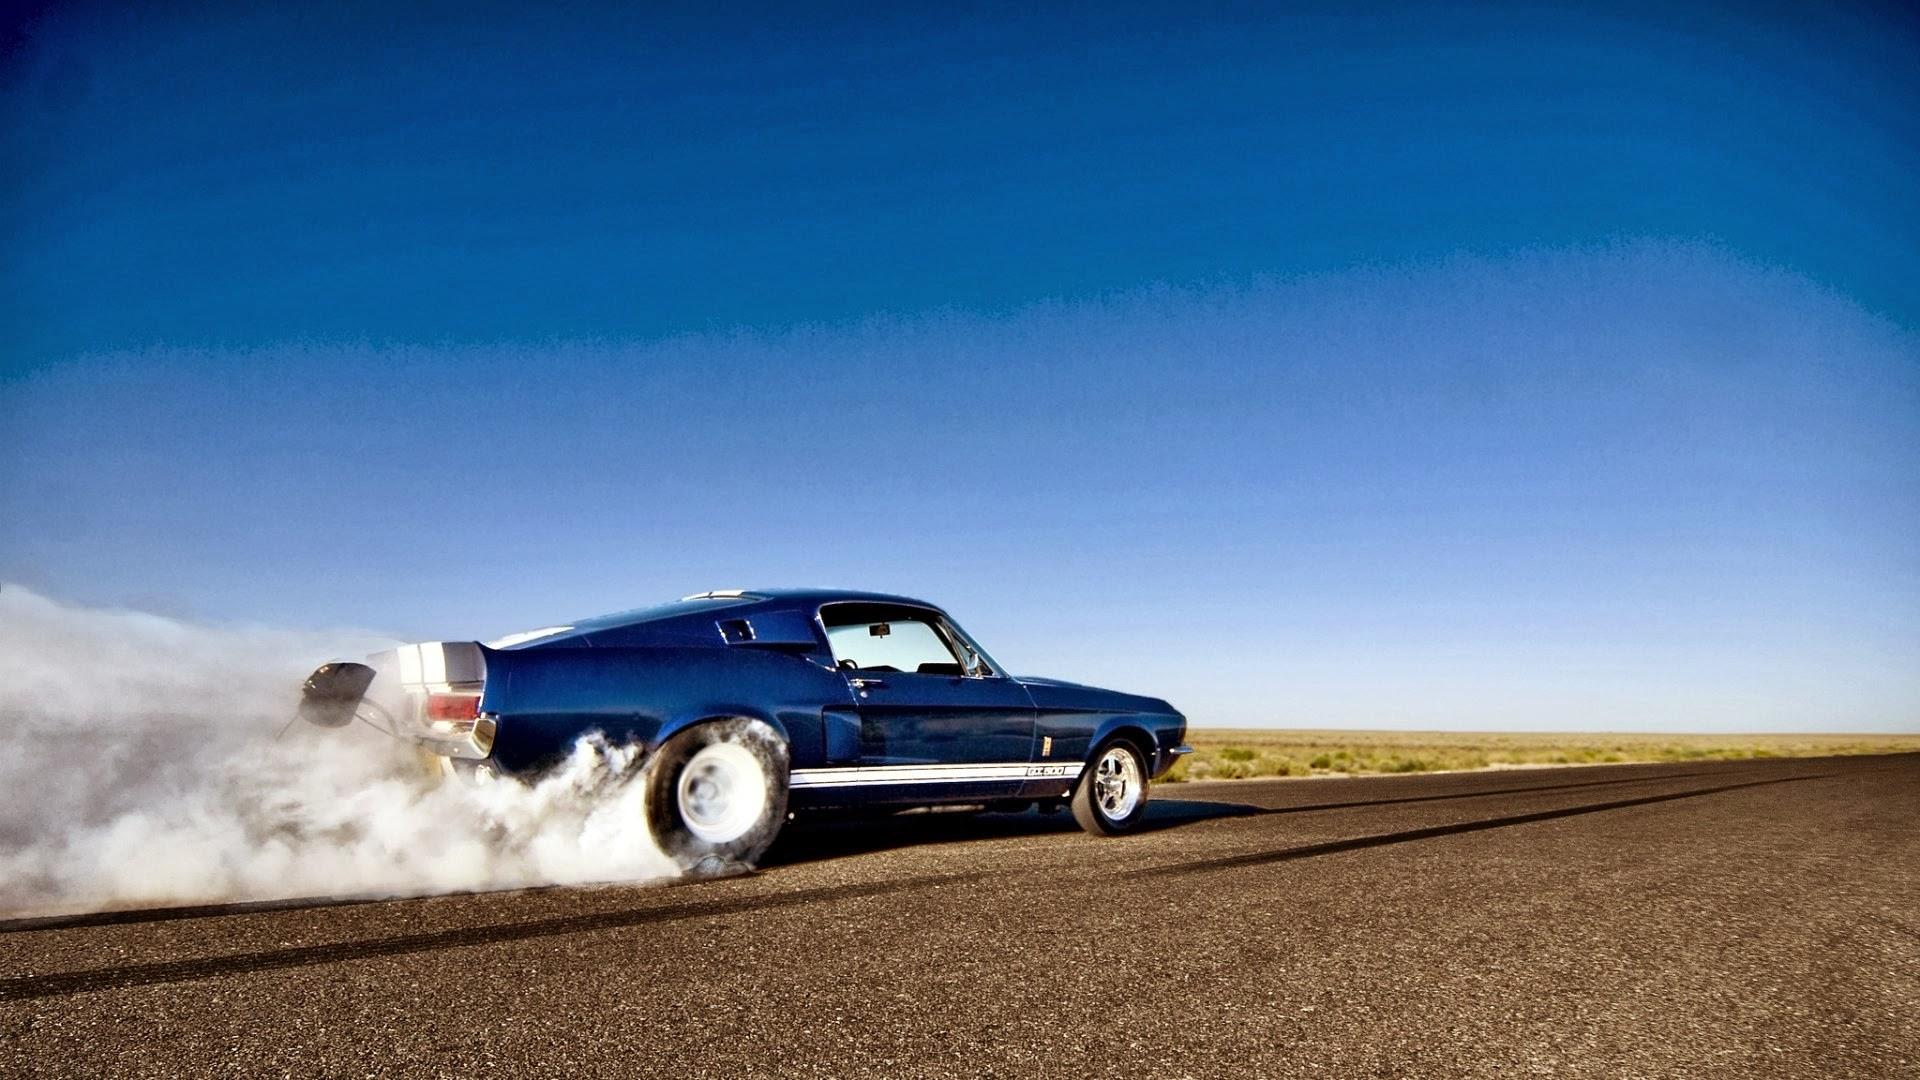 Mustang Burnout Wallpaper Wallpapersafari